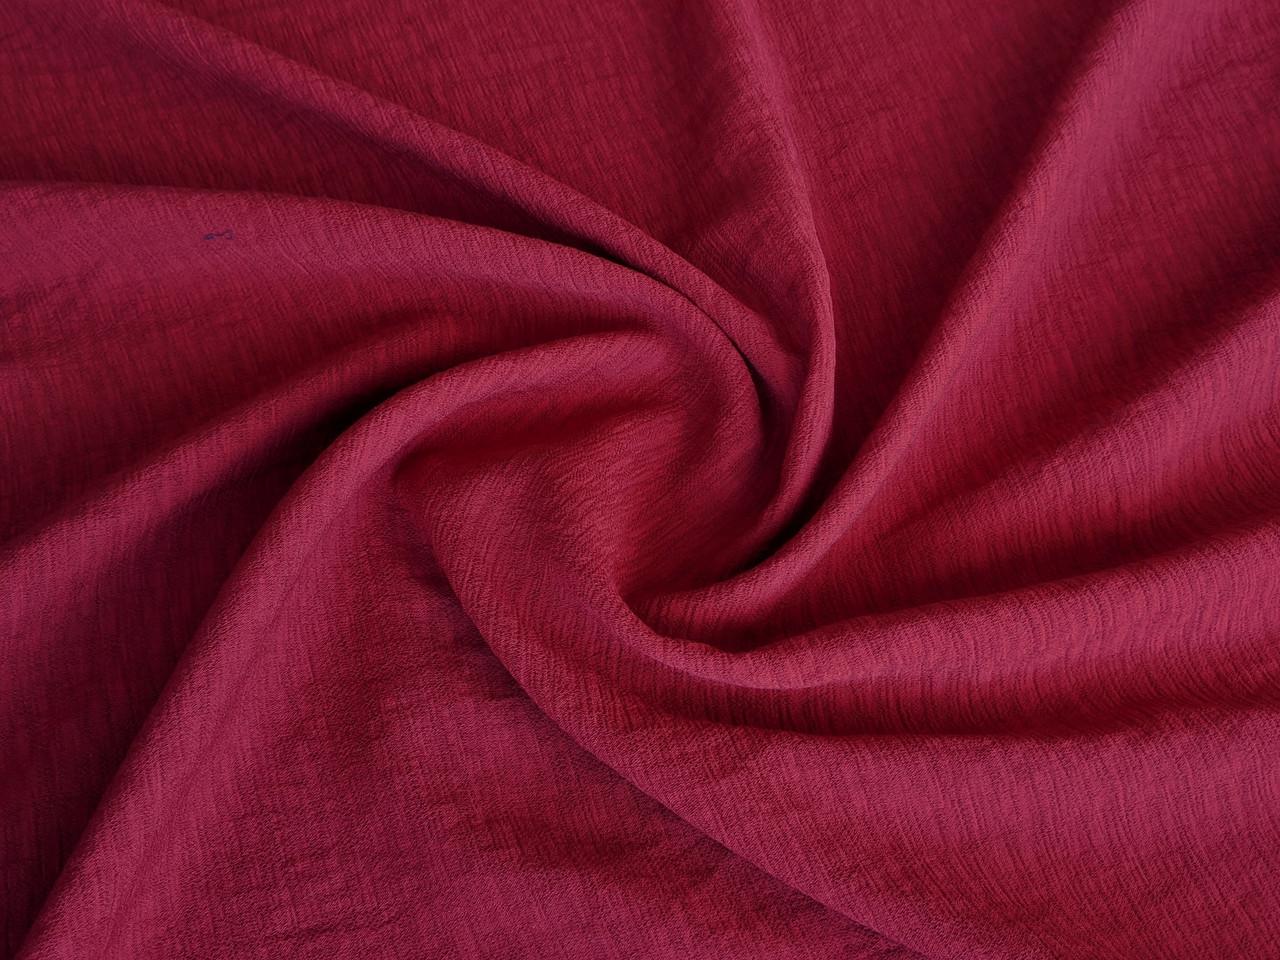 Ткань Киви креп, красный